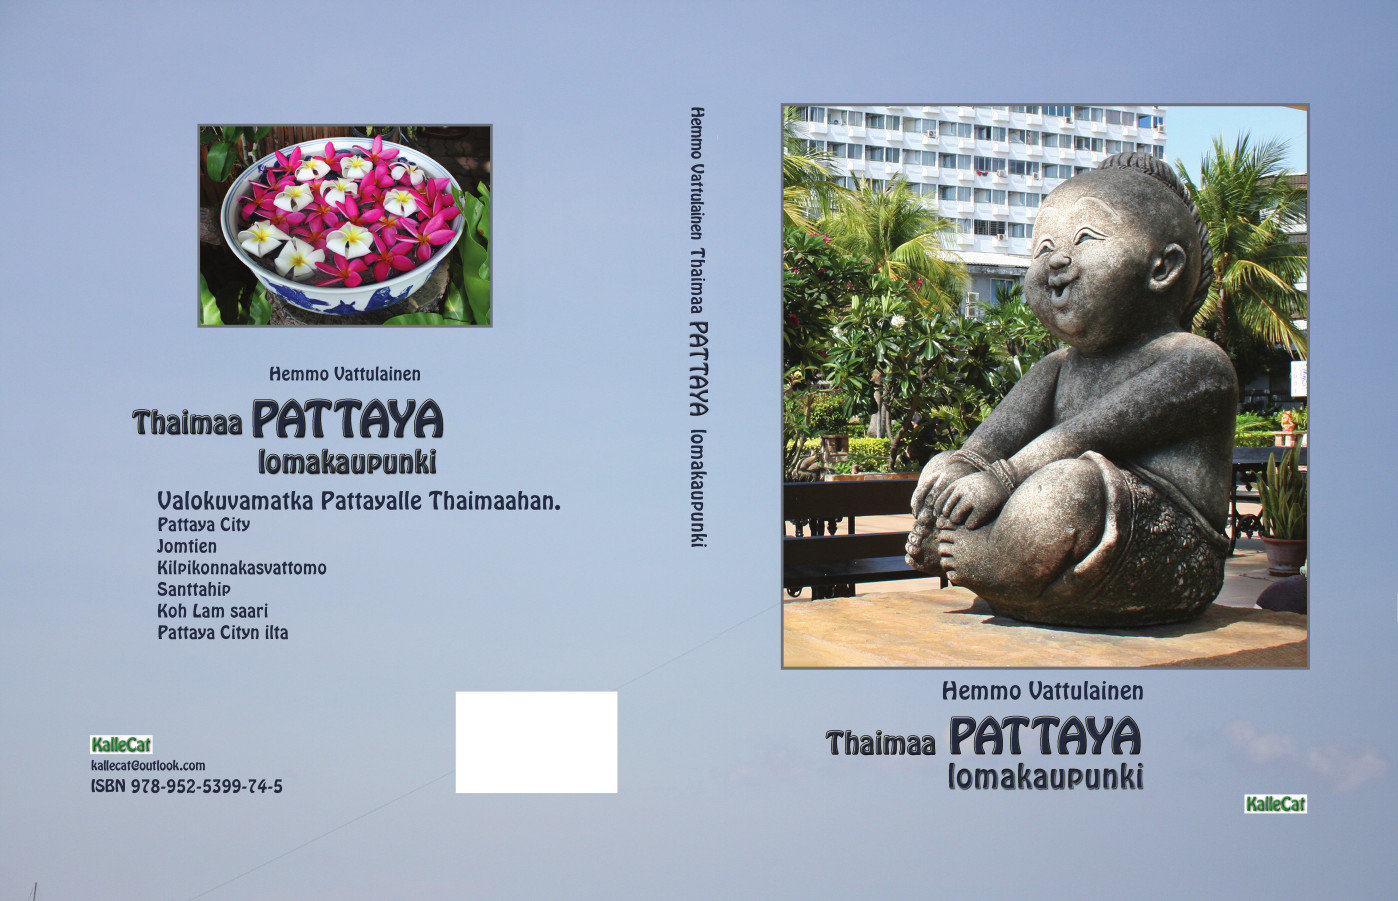 Thaimaa Pattaya